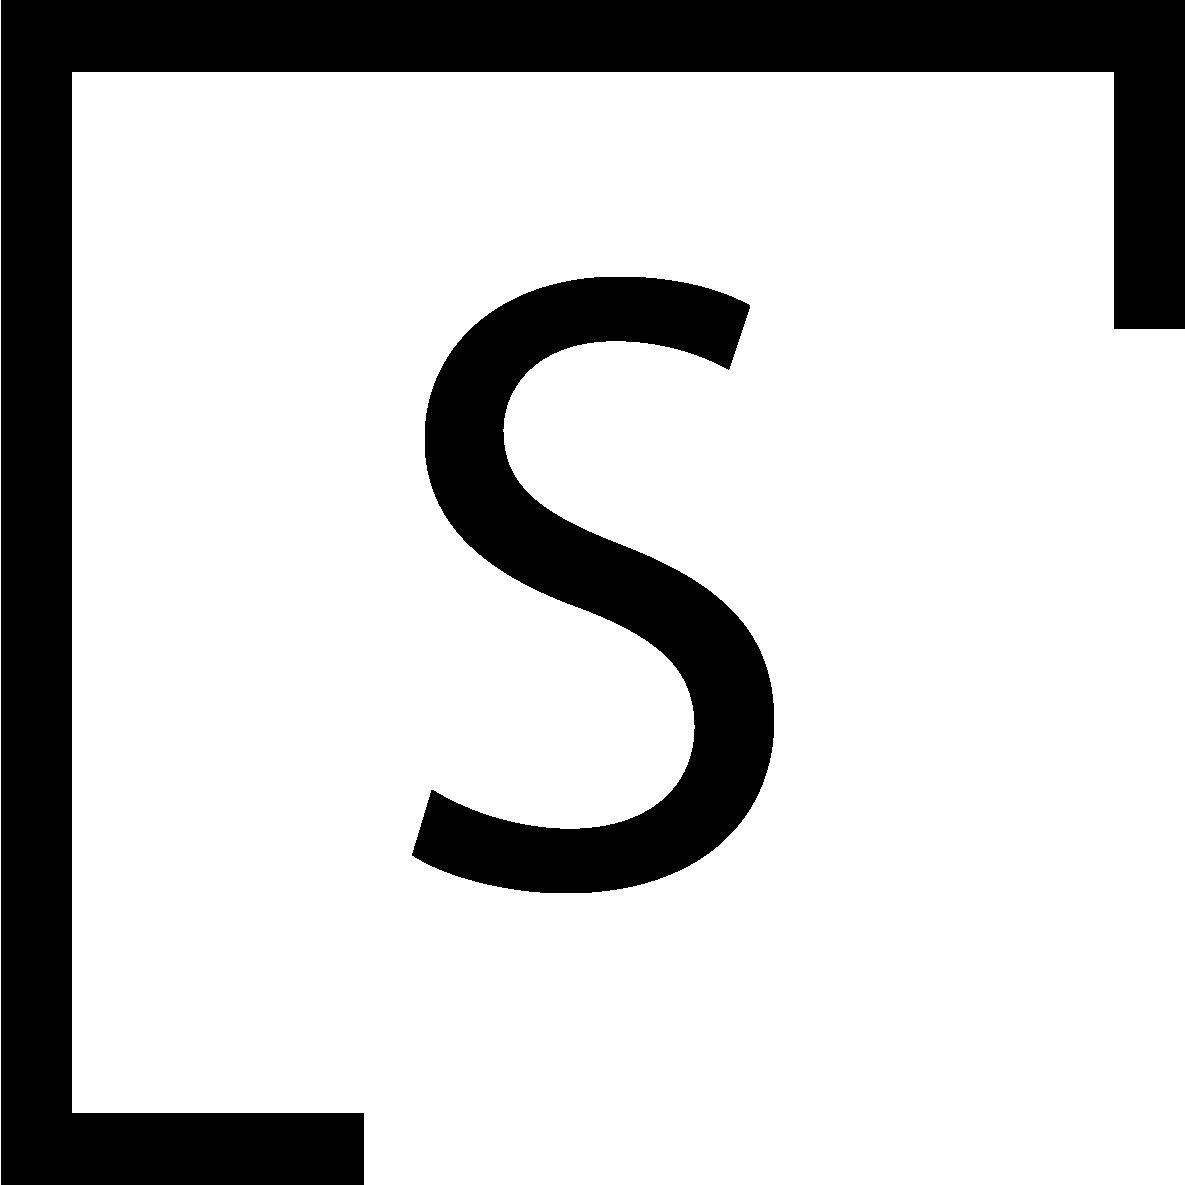 Svedin media logotyp